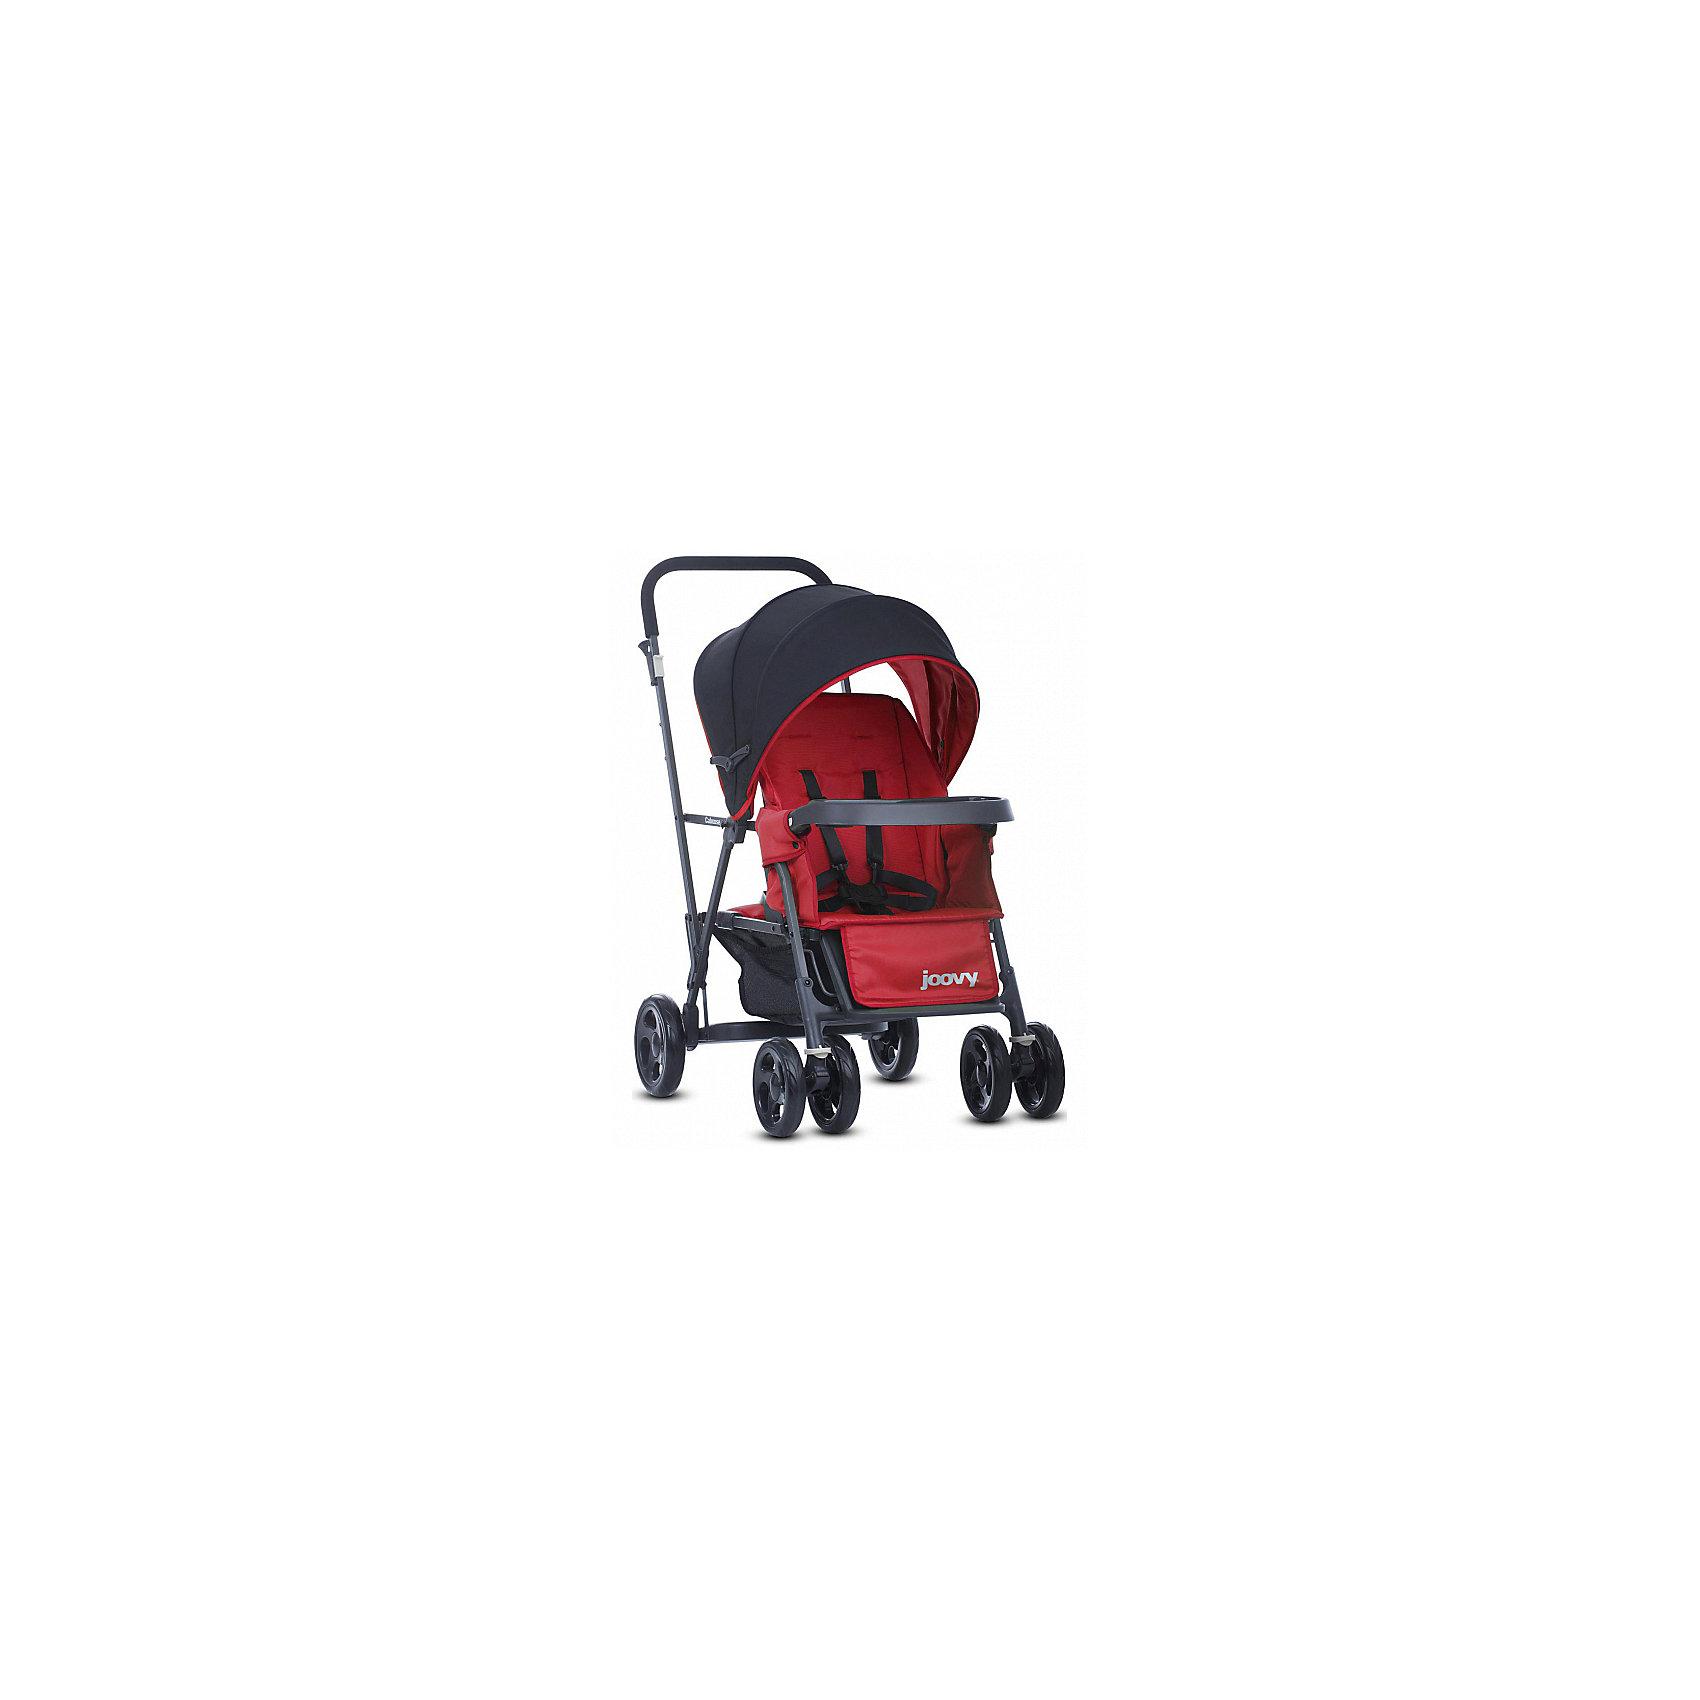 Прогулочная коляска Caboose Graphite, Joovy, красныйПрогулочные коляски<br>Joovy Caboose (Джуви Кабуз) одна из самых компактных и маневренных колясок в своей категории Коляска для двойни и погодок. Переднее сиденье предназначено для ребенка от 3 месяцев, заднее сиденье-скамеечка от 2,5 лет. Для использования коляски с двумя детьми младше 2,5 лет необходимо приобрести дополнительное сиденье. Амортизируемая подвеска на всех колесах придает коляске мягкий ход во время движения. Для старшего ребенка предусмотрена платформа для езды стоя. Идеальное распределение веса позволит вам без труда преодолевать бордюры и с комфортом совершать прогулки по городу. С помощью универсального адаптера, входящего в комплектацию, на переднее сиденье можно установить любое автокресло 0+.<br><br>Ширина мм: 500<br>Глубина мм: 260<br>Высота мм: 900<br>Вес г: 13500<br>Возраст от месяцев: 0<br>Возраст до месяцев: 36<br>Пол: Унисекс<br>Возраст: Детский<br>SKU: 6887317